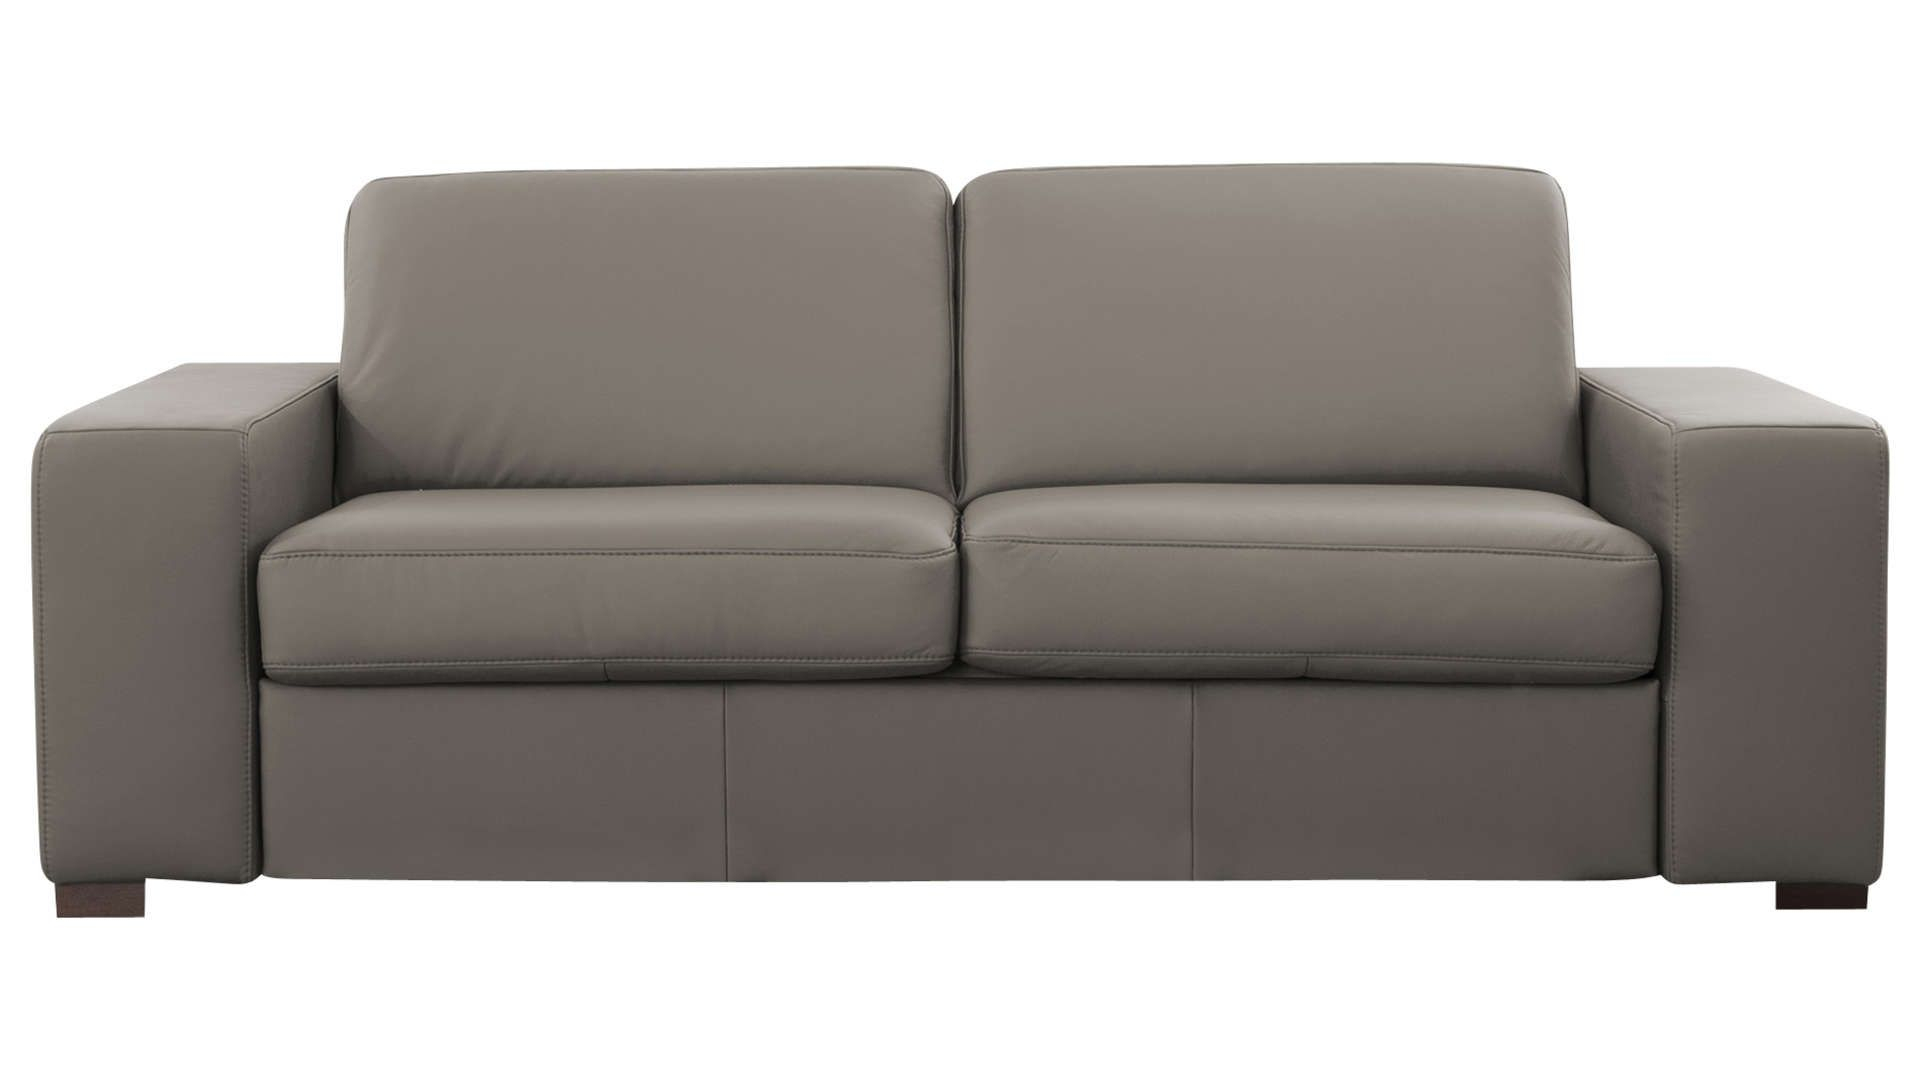 Canapé Droit Convertible 3 Places En Cuir Comfort Bultex à Canape Divalit